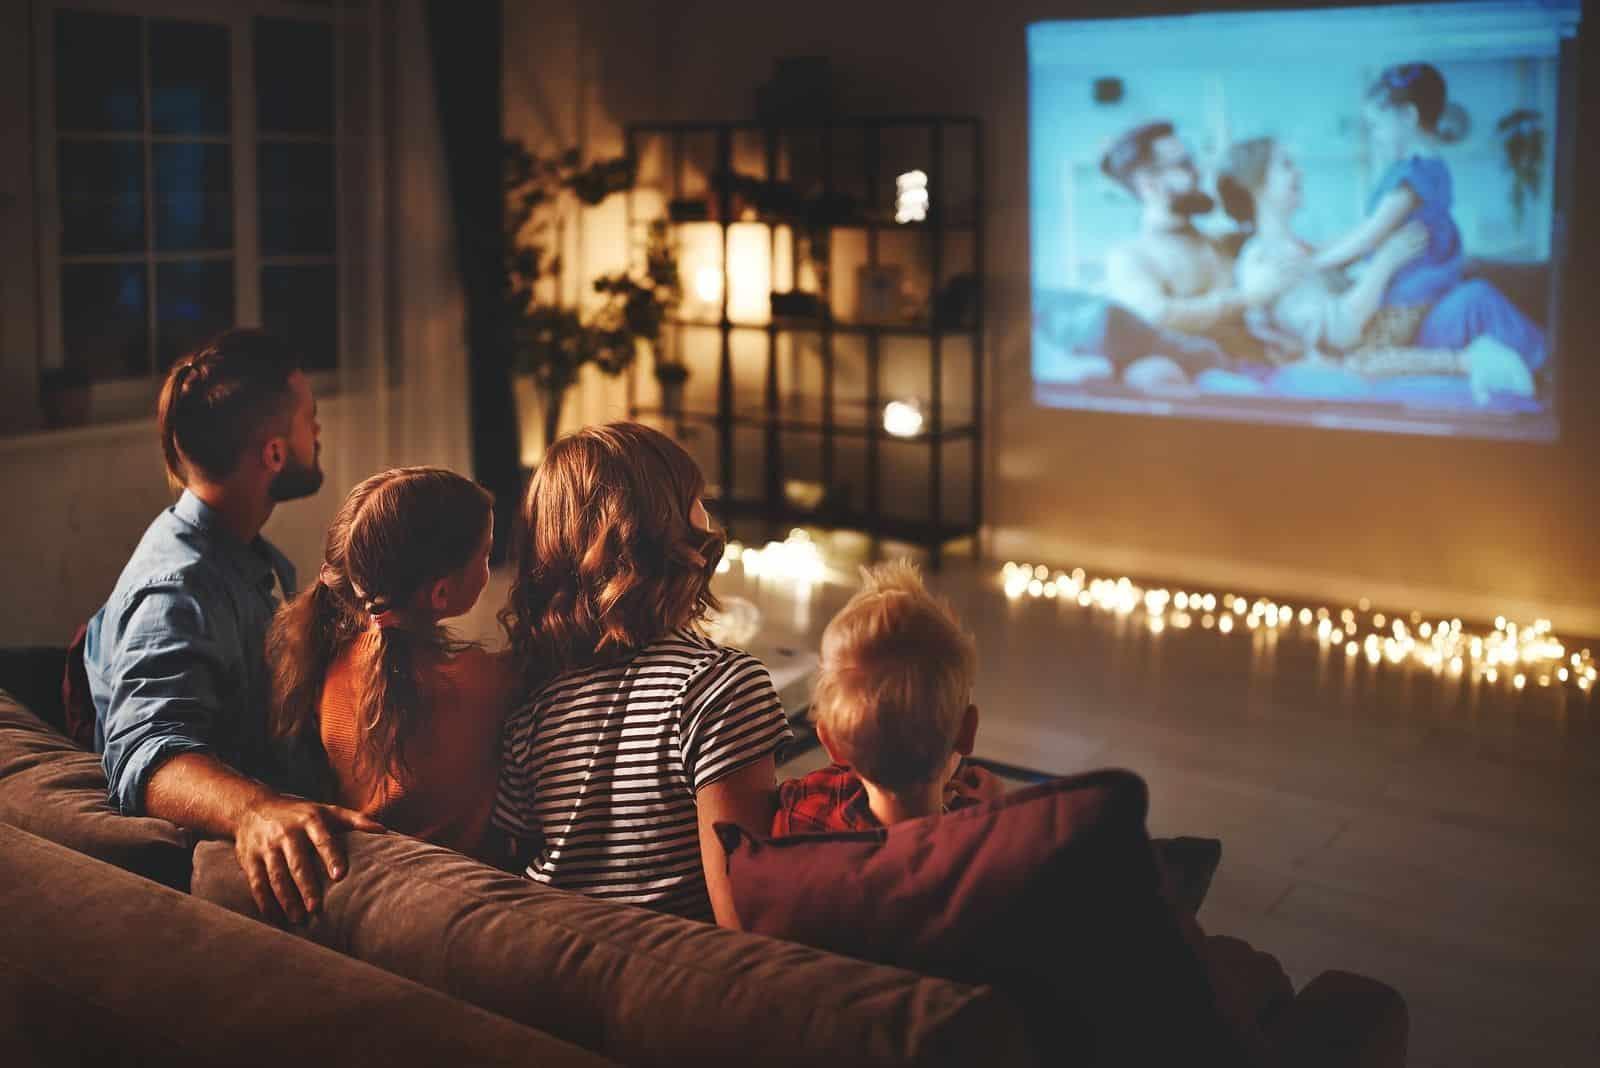 Vater und Mutter mit Kindern Nachts Filme über den Projektor im Wohnzimmer ansehen